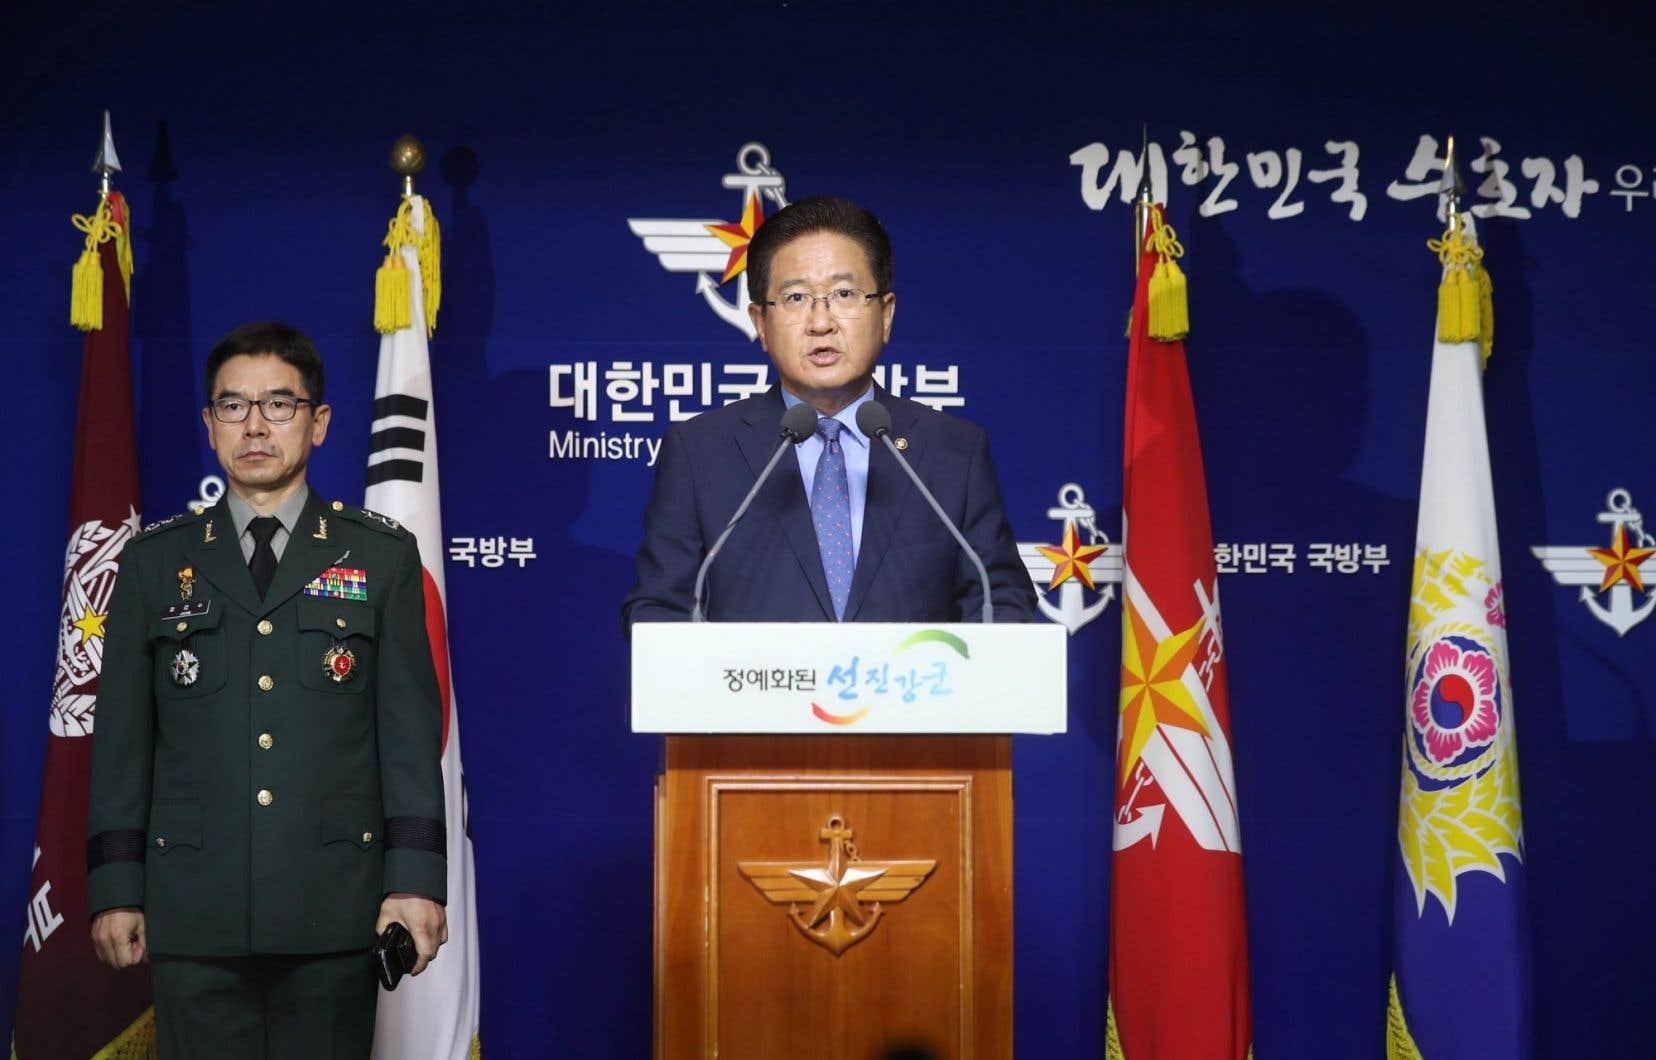 Le vice-ministre sud-coréen de la Défense, Suh Choo-suk